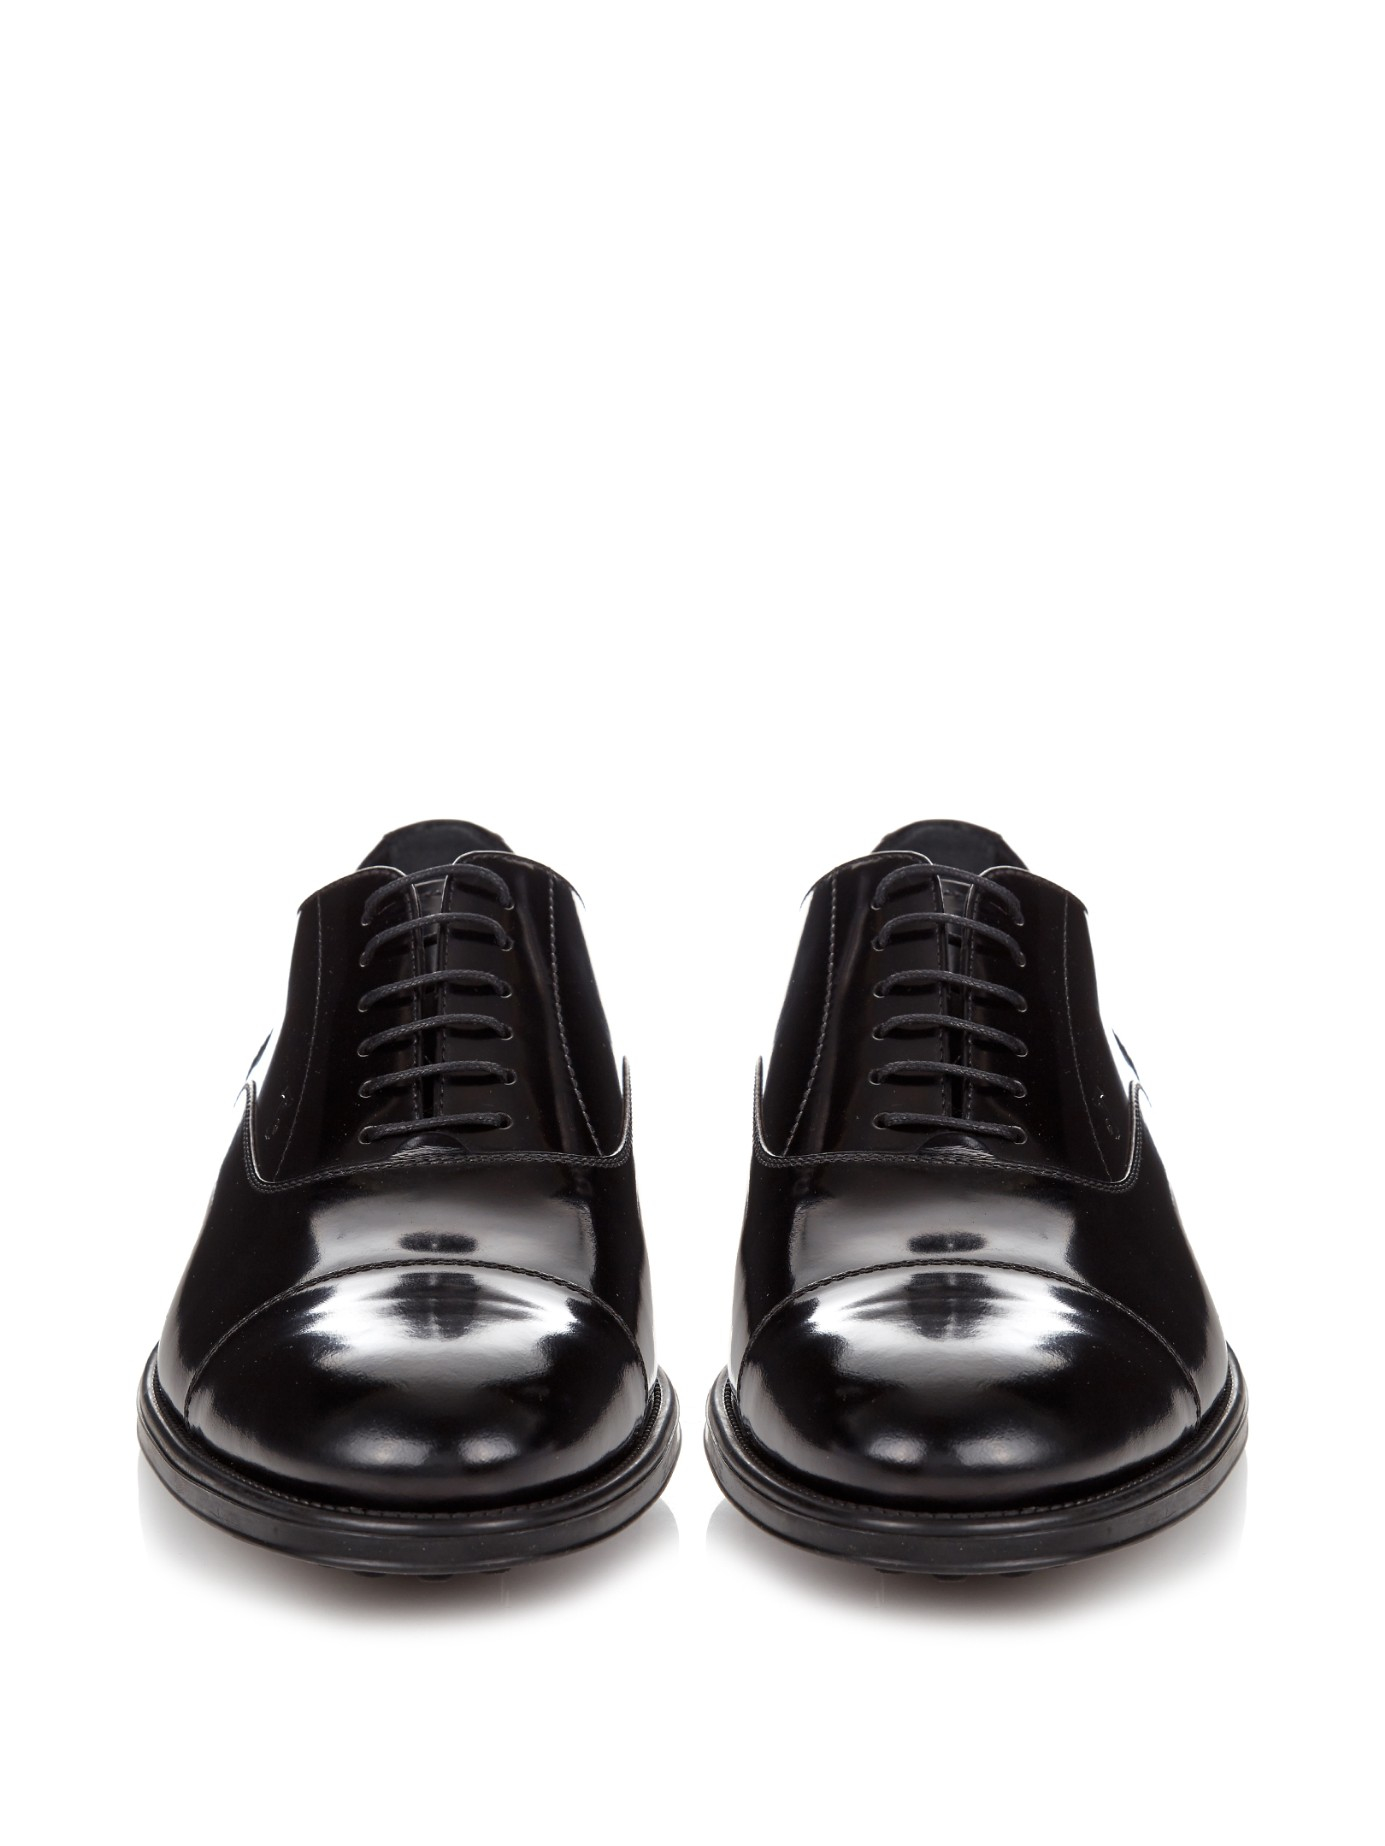 Porsche Design Shoe Without Lace